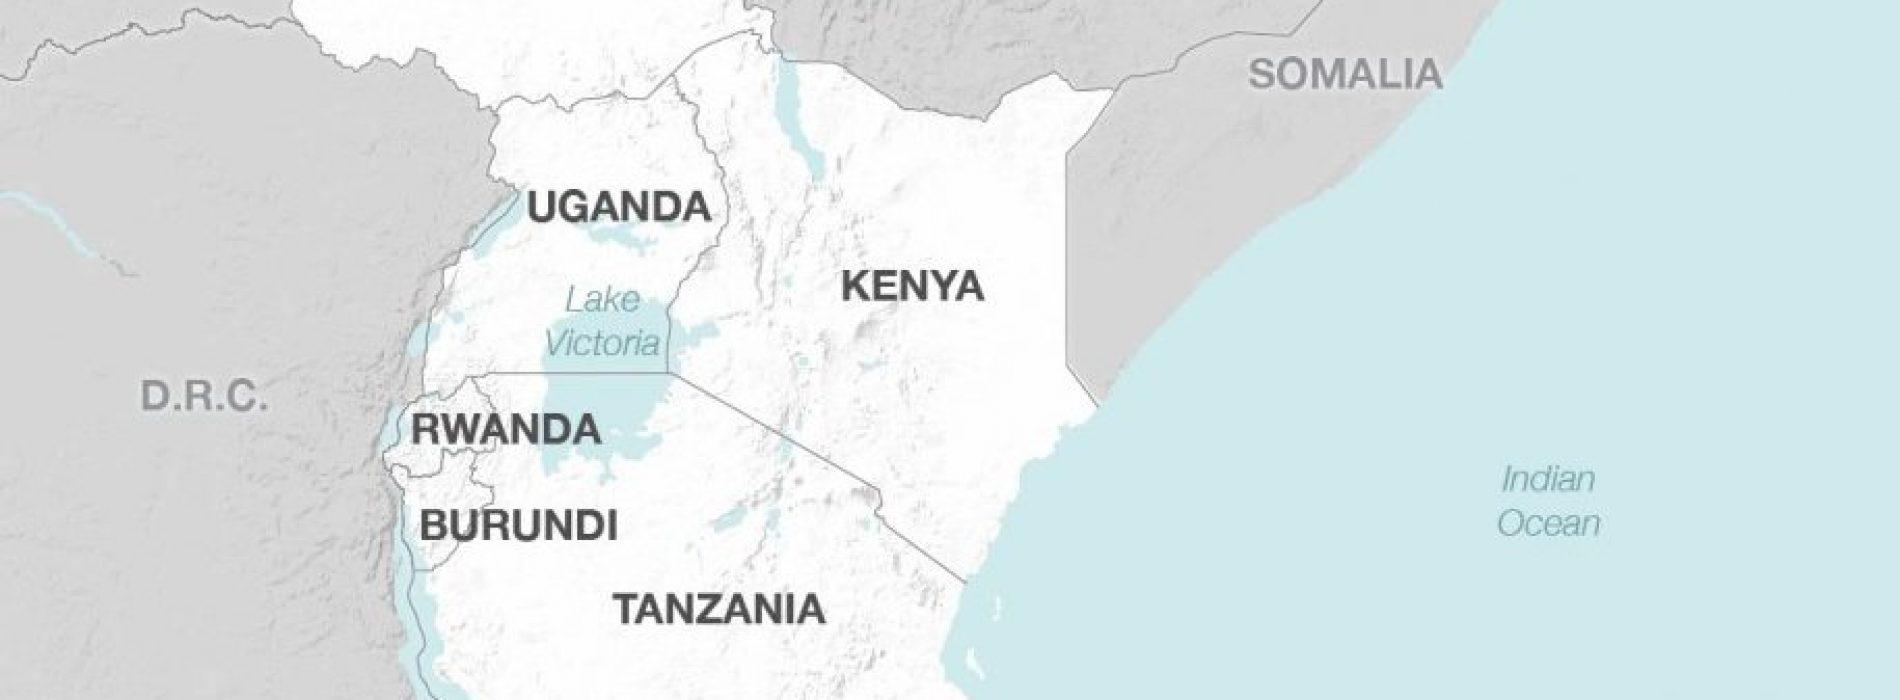 Africa Orientale, dove la realtà si scontra con l'ambizione